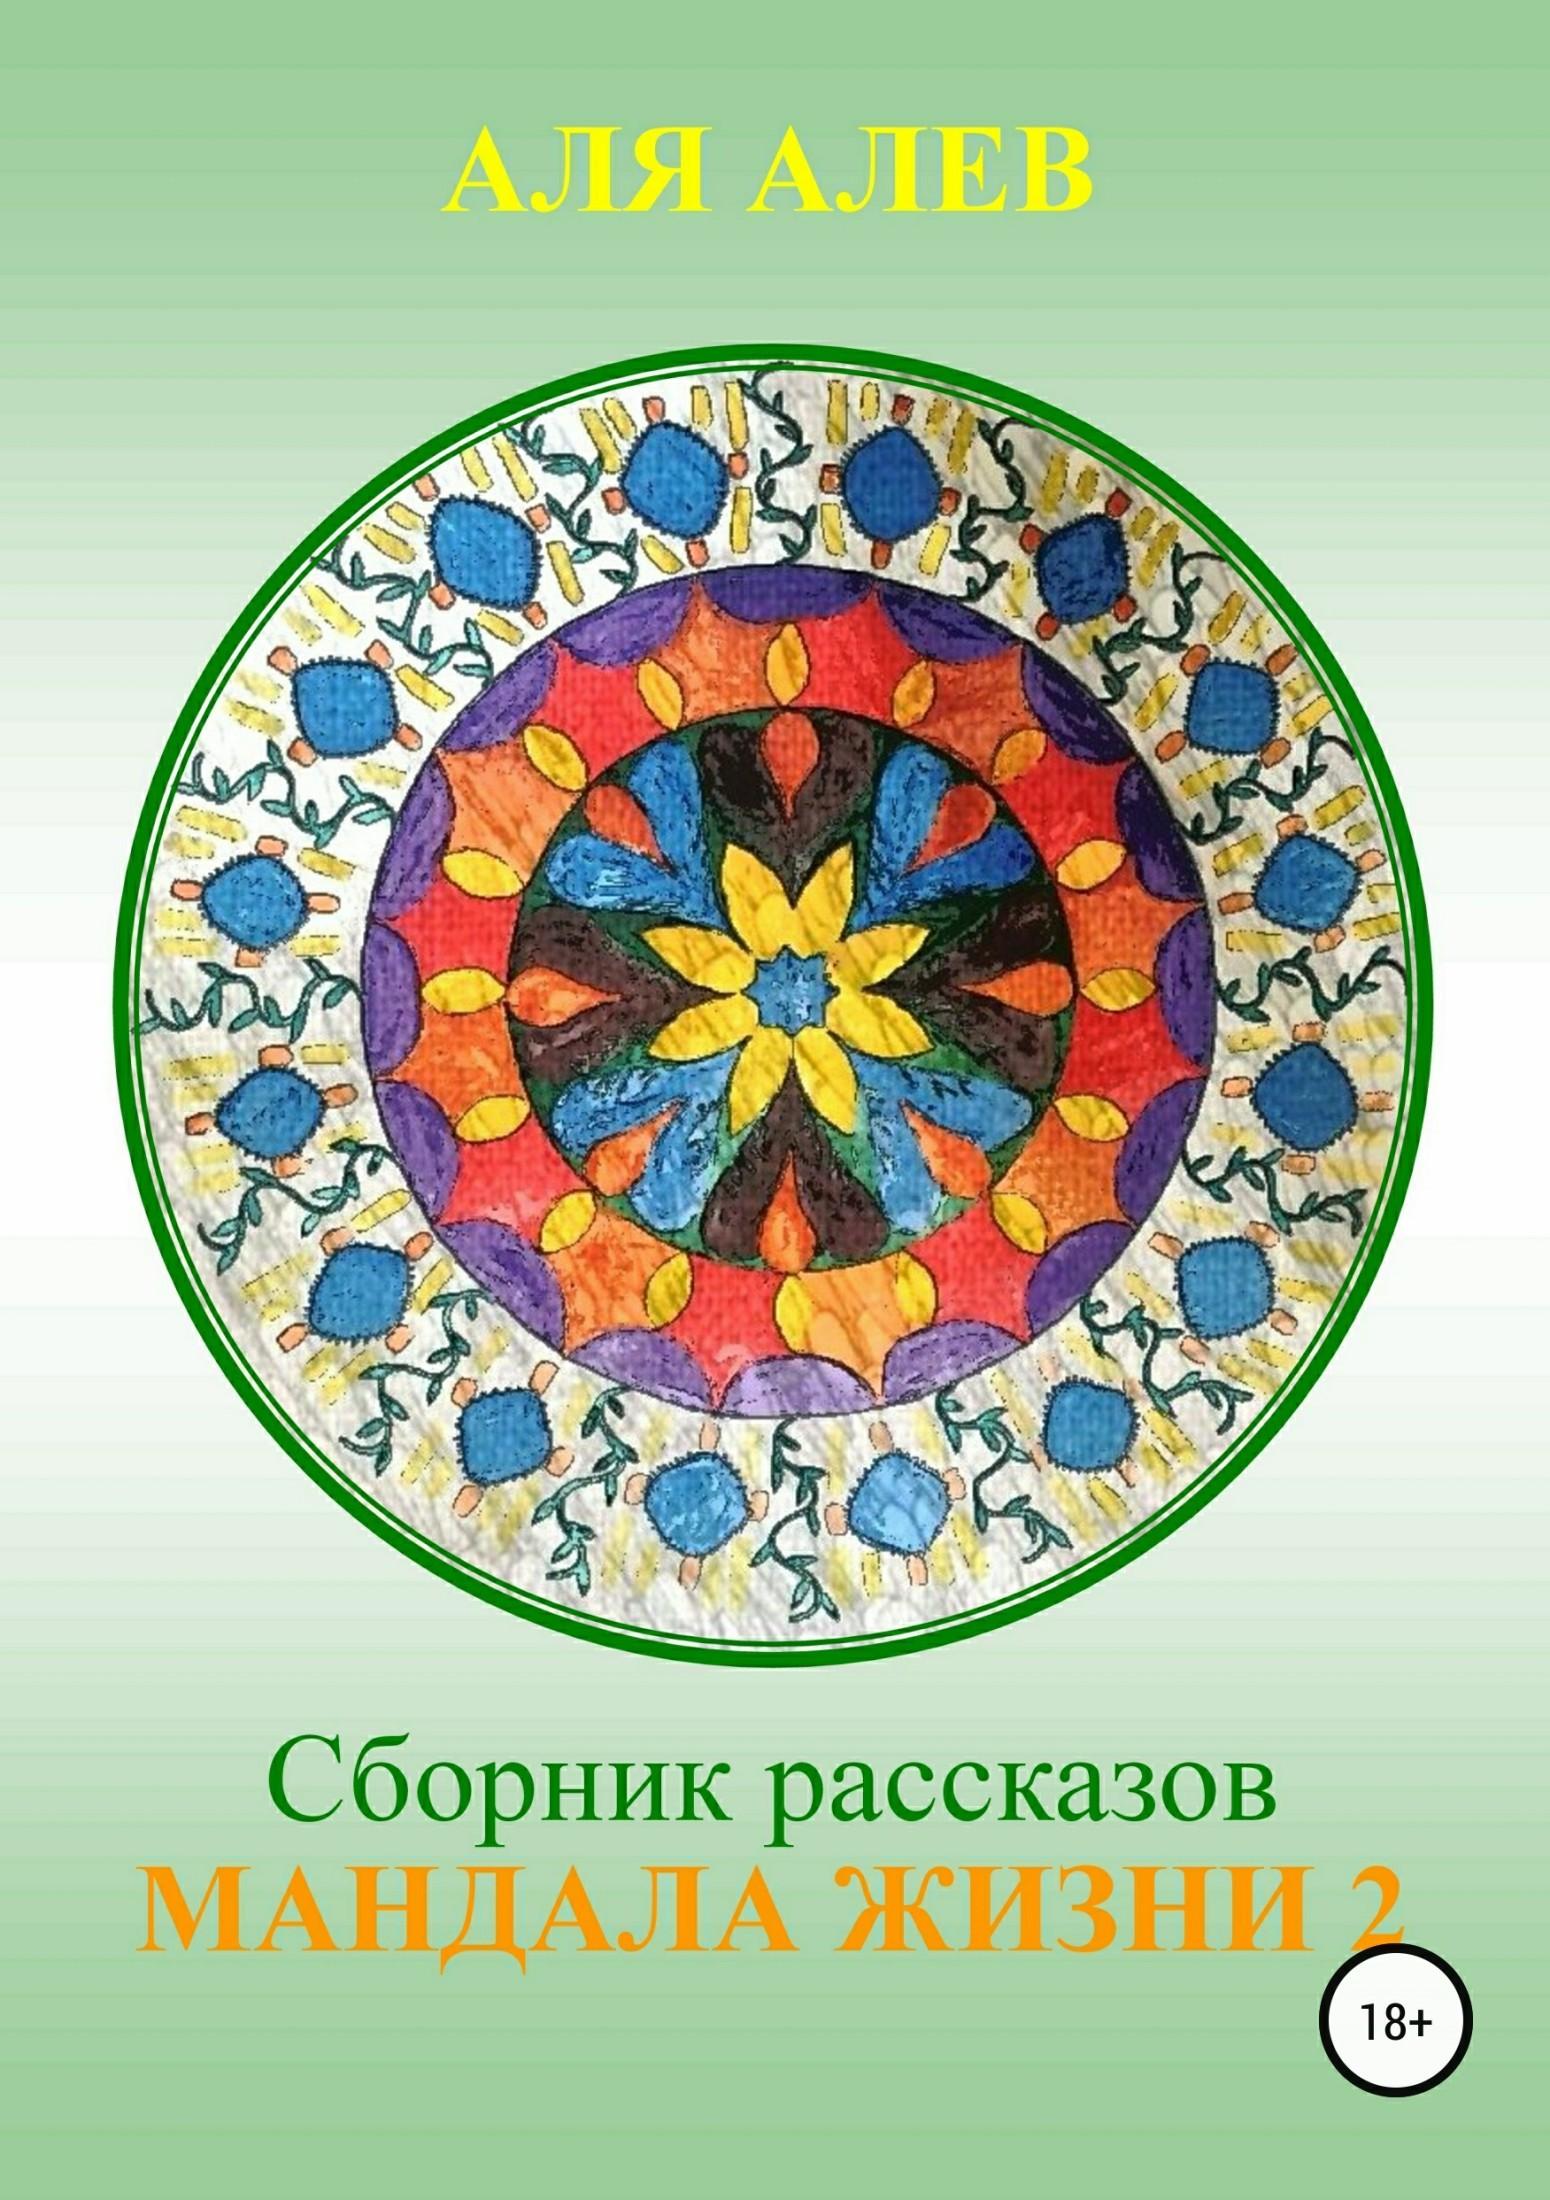 Аля Алев Мандала жизни 2. Сборник рассказов